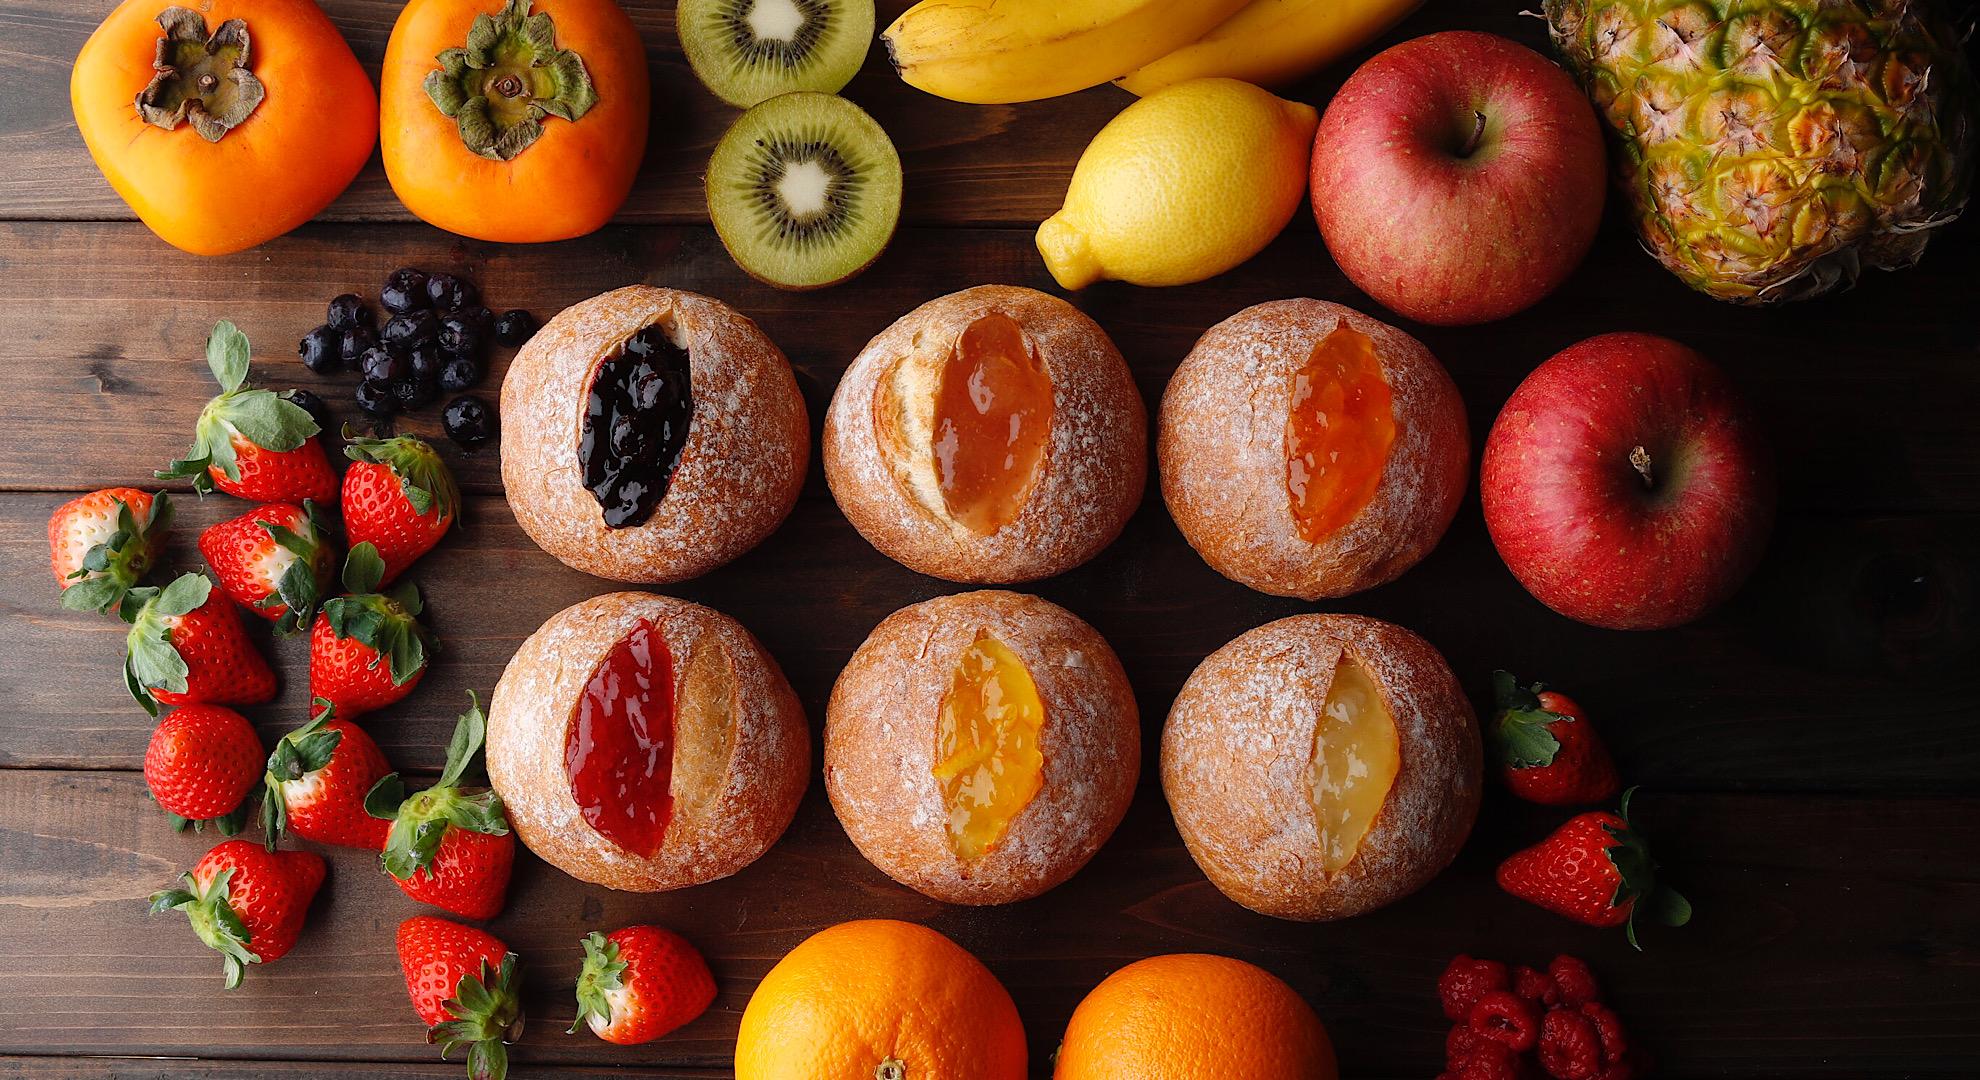 パンブームの新顔「大人のジャムパン専門店」が東銀座にオープン、<br />農大仕込みのパリジャン生地による化学的な美味しさ